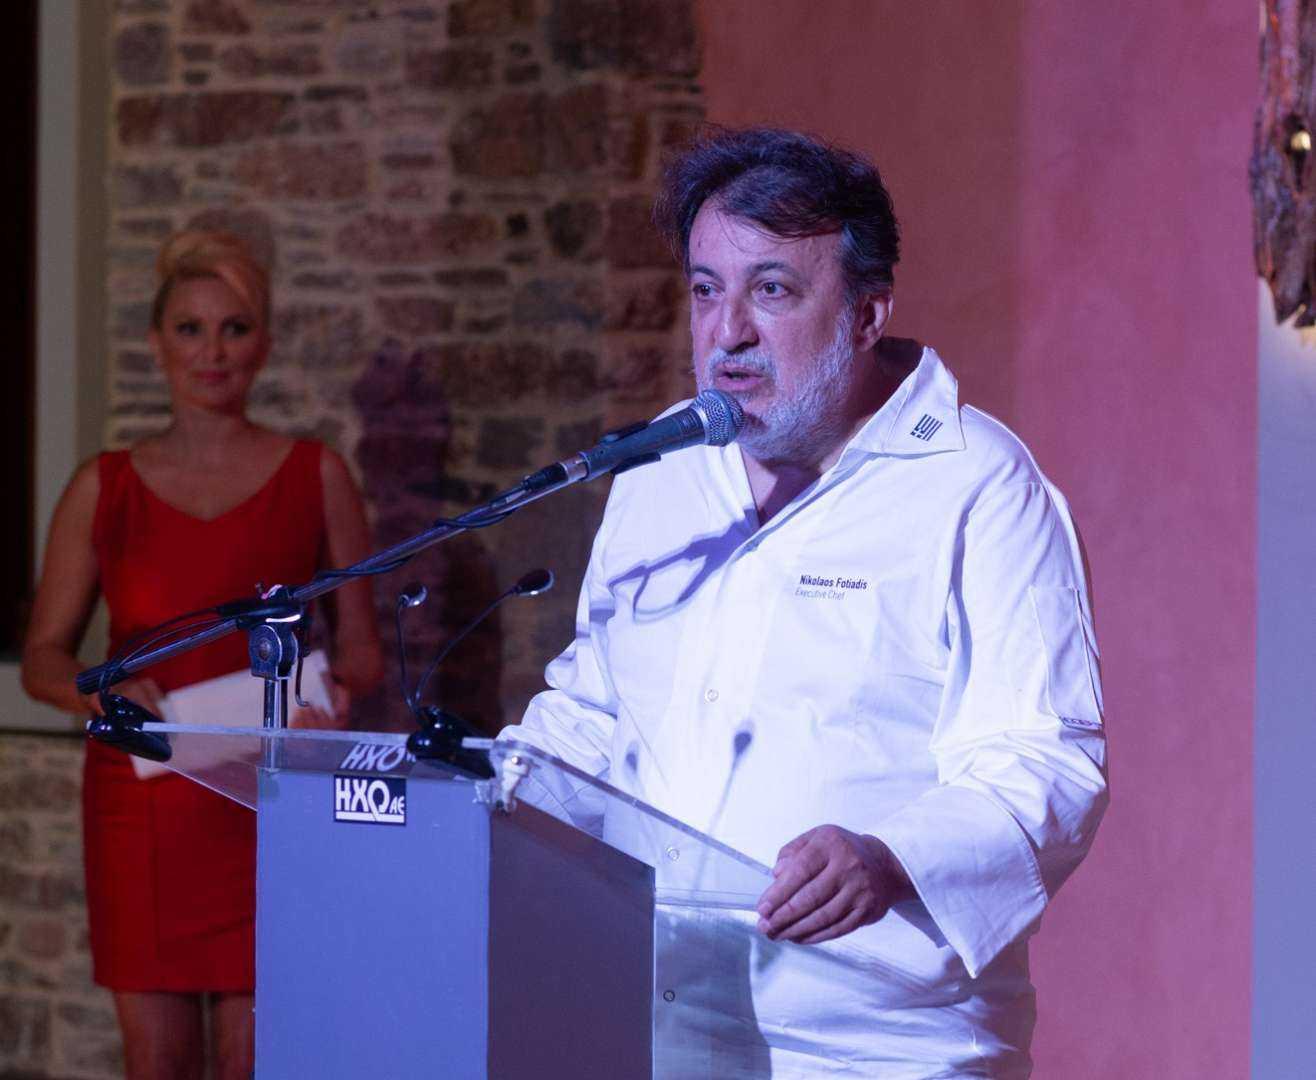 Ο διακεκριμένος σεφ Νίκος Φωτιάδης, πρόεδρος της κοινότητας Chef's Brigade Slow Food